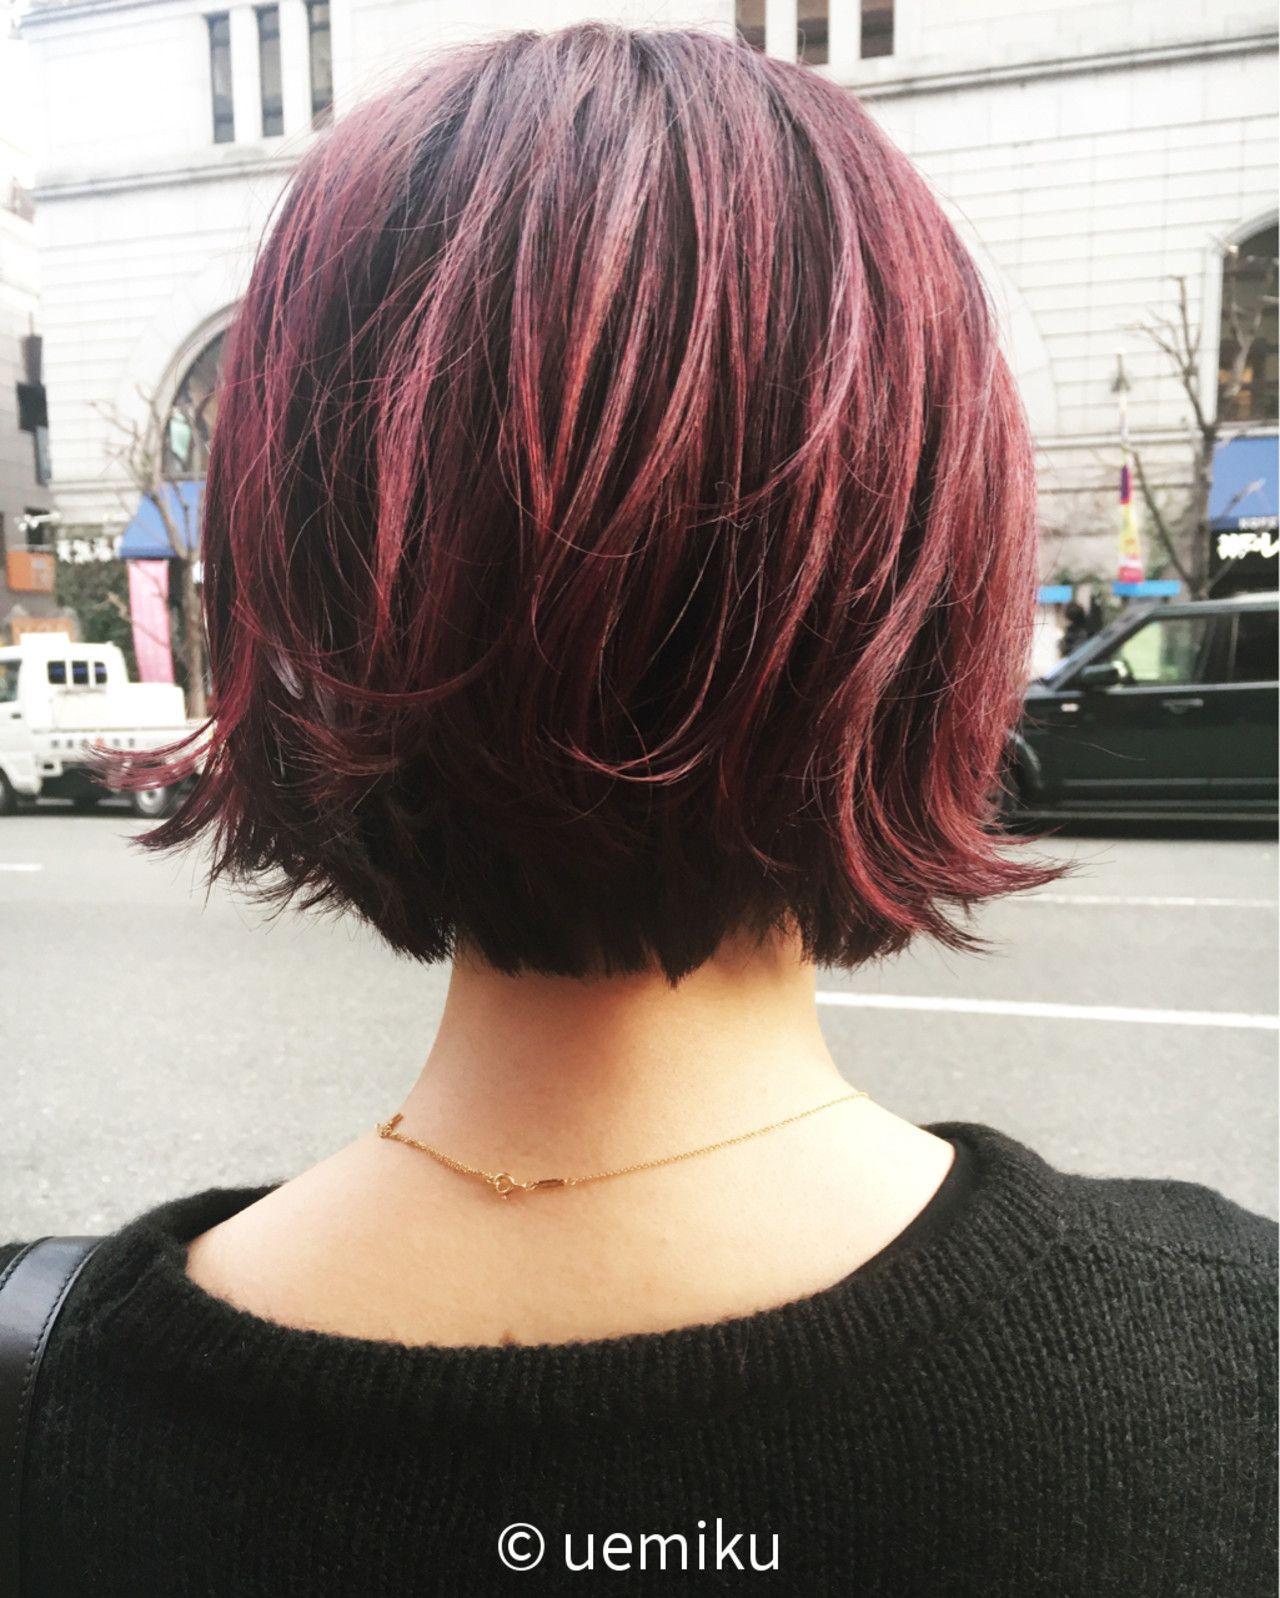 チェリー レッド 髪 色 ヘアスタイリング ヘアースタイル